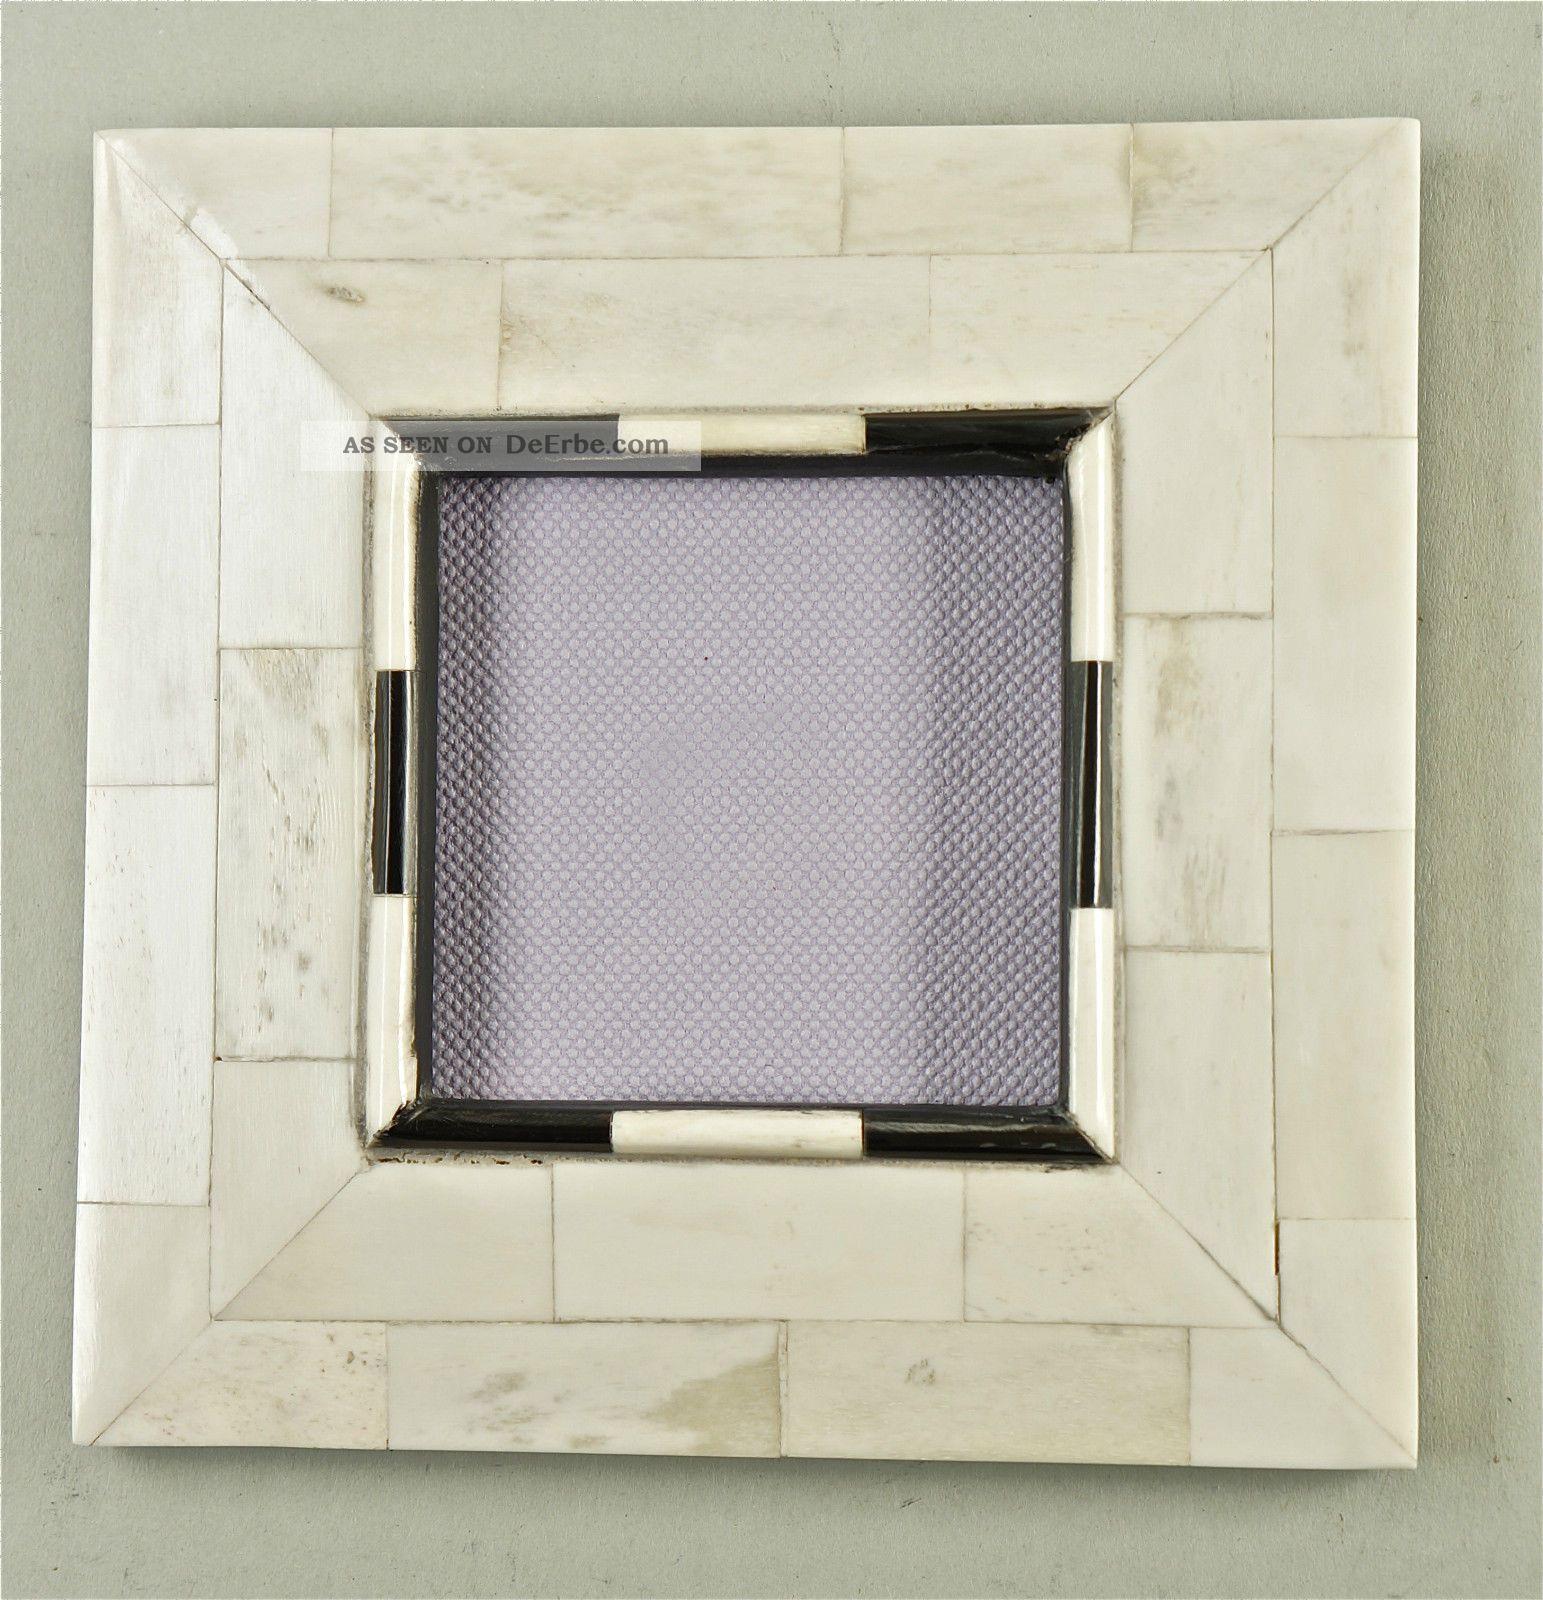 feiner fotorahmen wechselrahmen beinbesatz auf holz mit glas und aufsteller. Black Bedroom Furniture Sets. Home Design Ideas